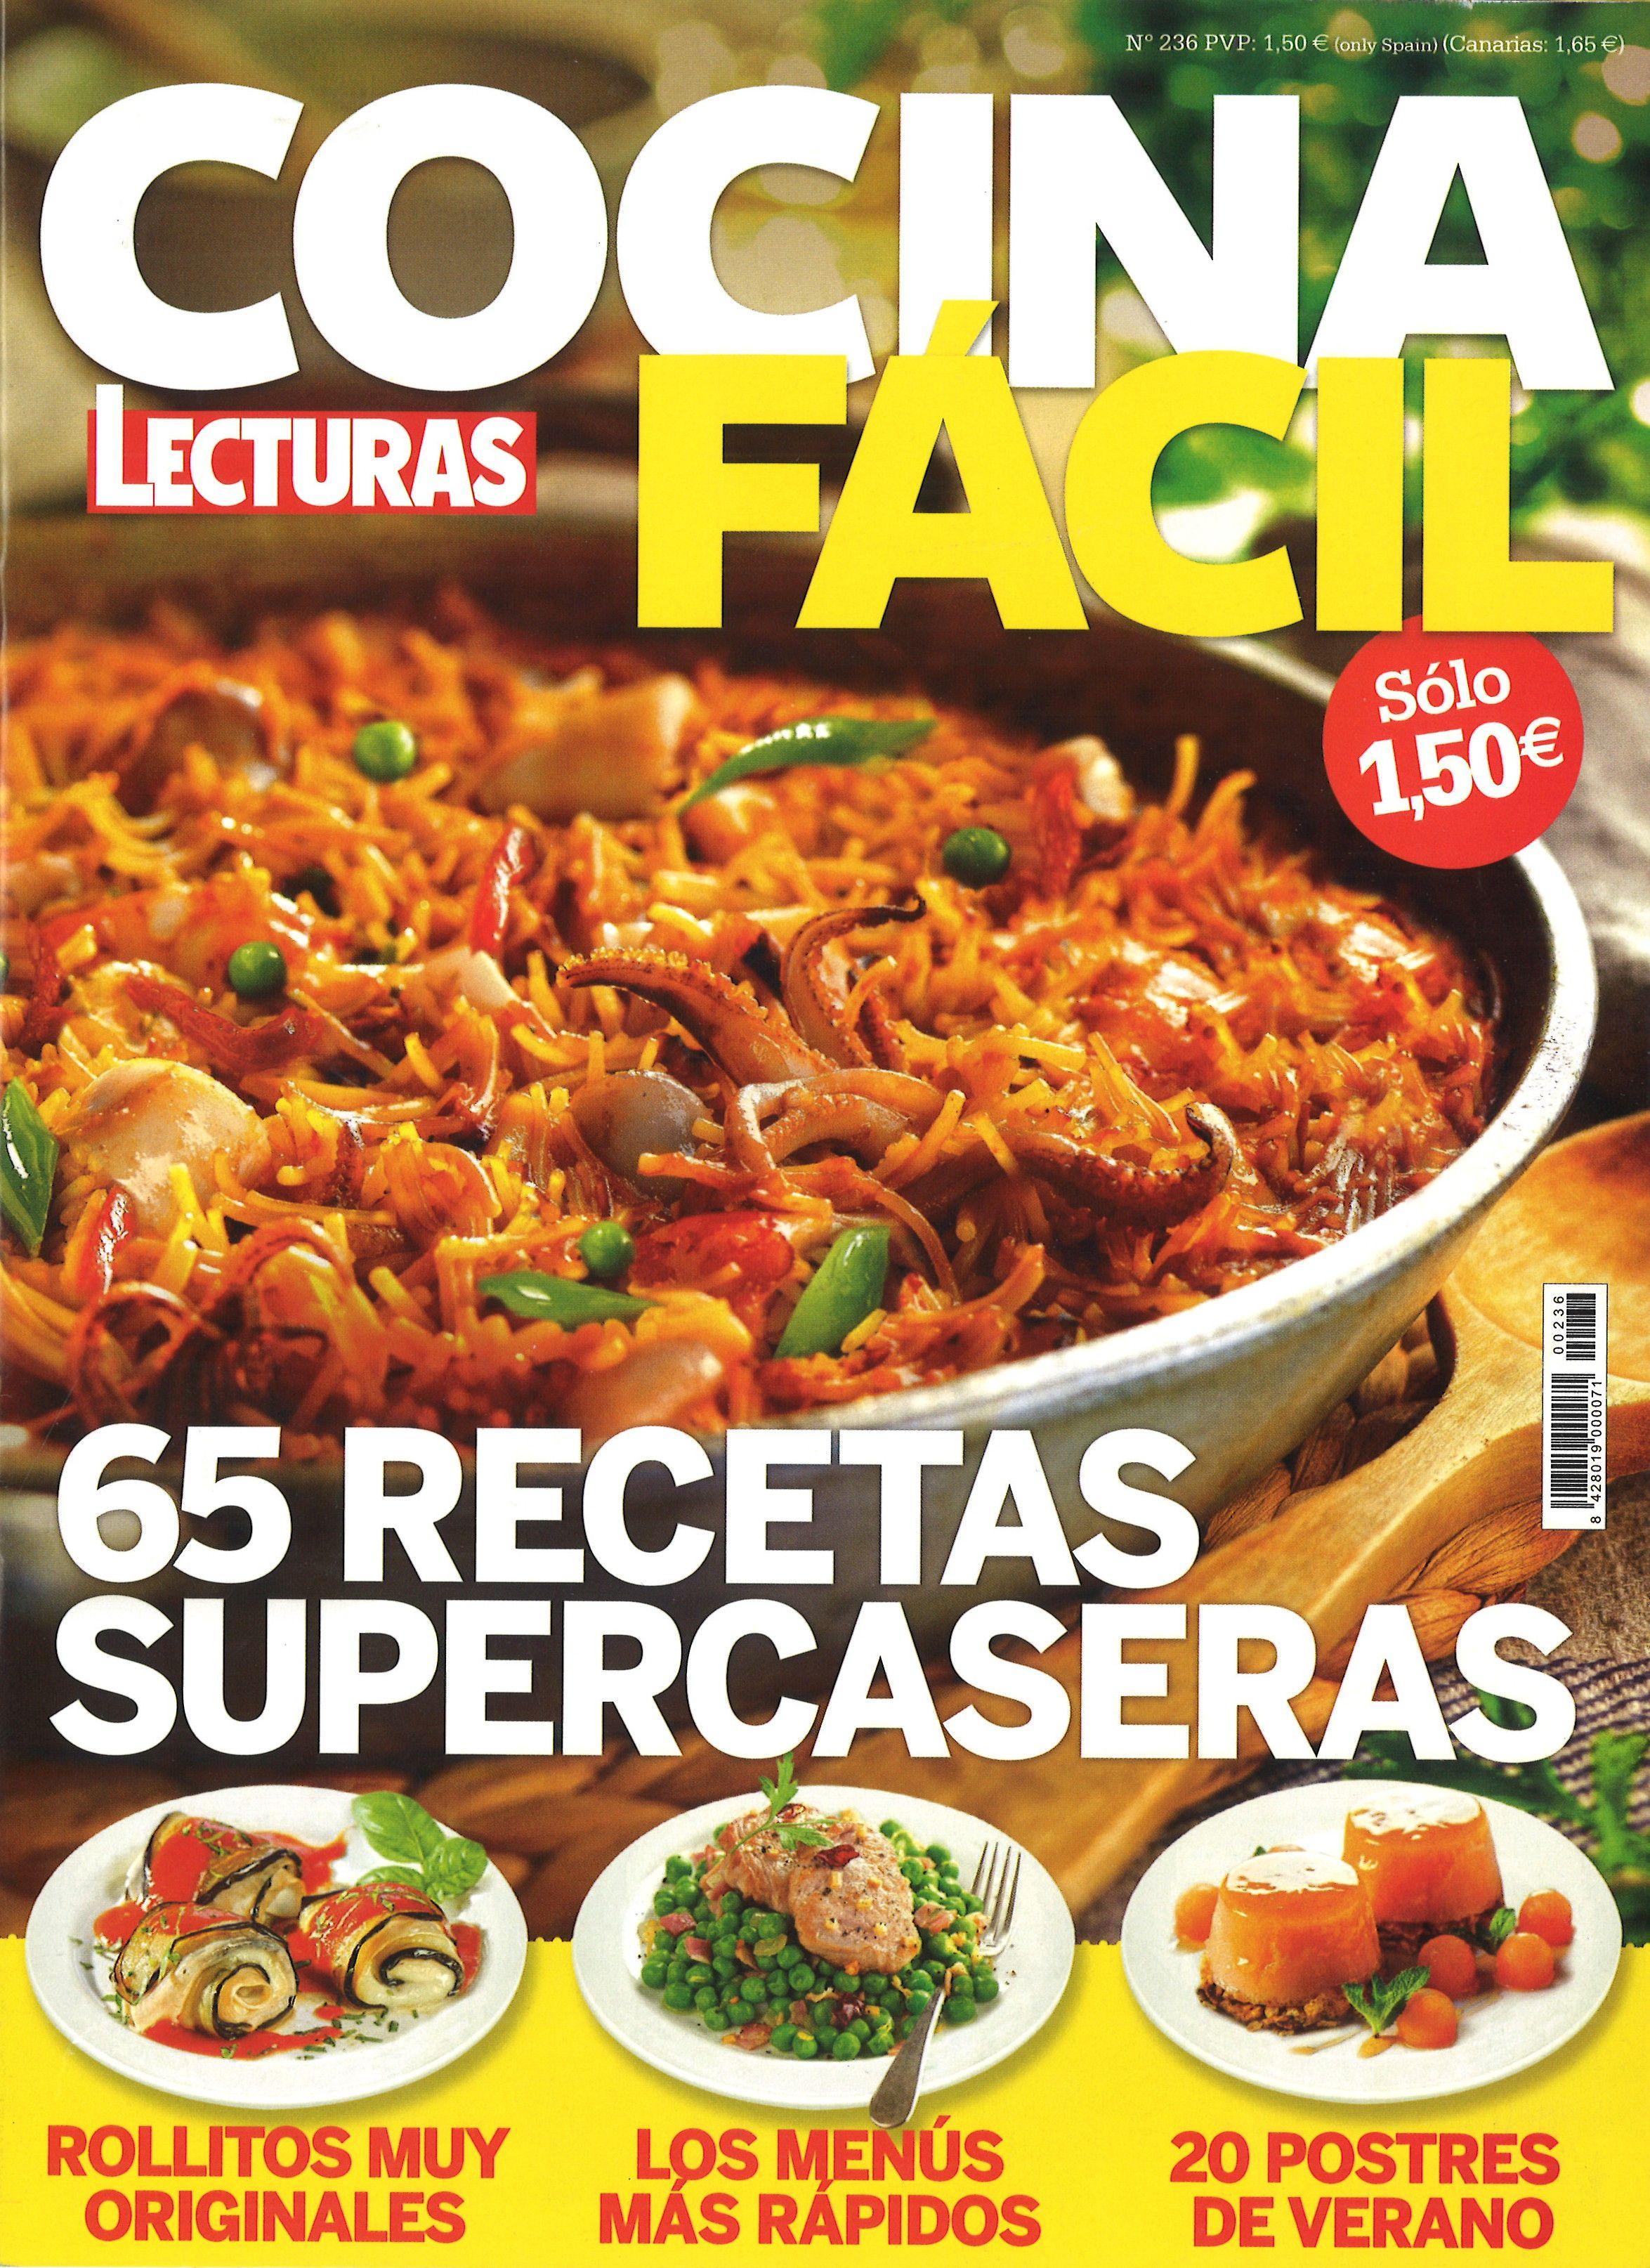 Cocina Facil Revista Calameo Revista Cocina